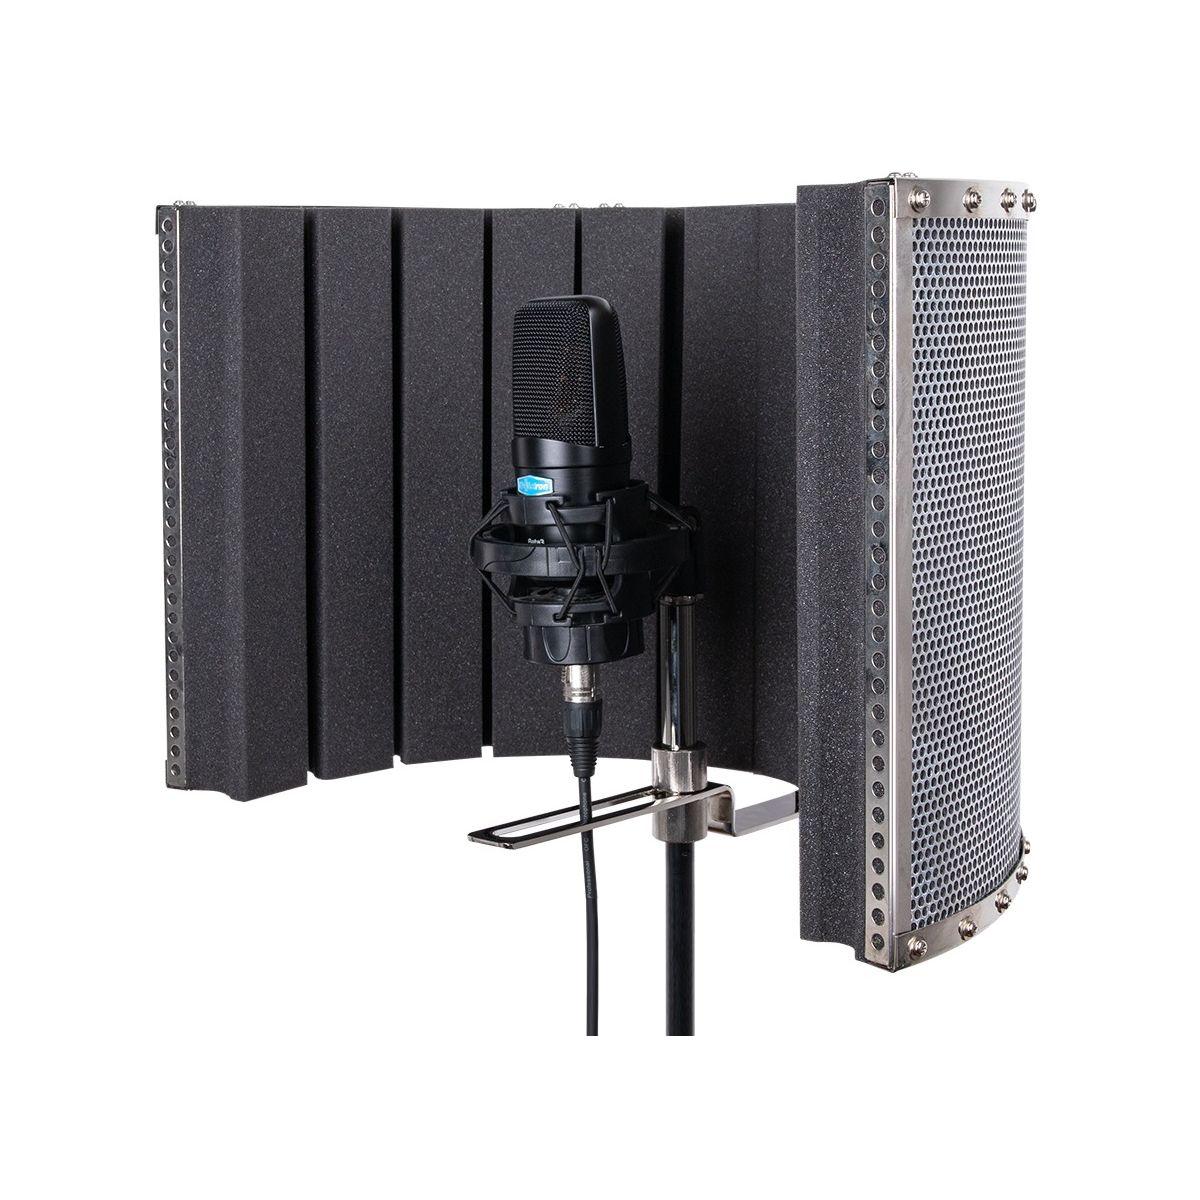 Traitement acoustique - Alctron - PF 32 AL